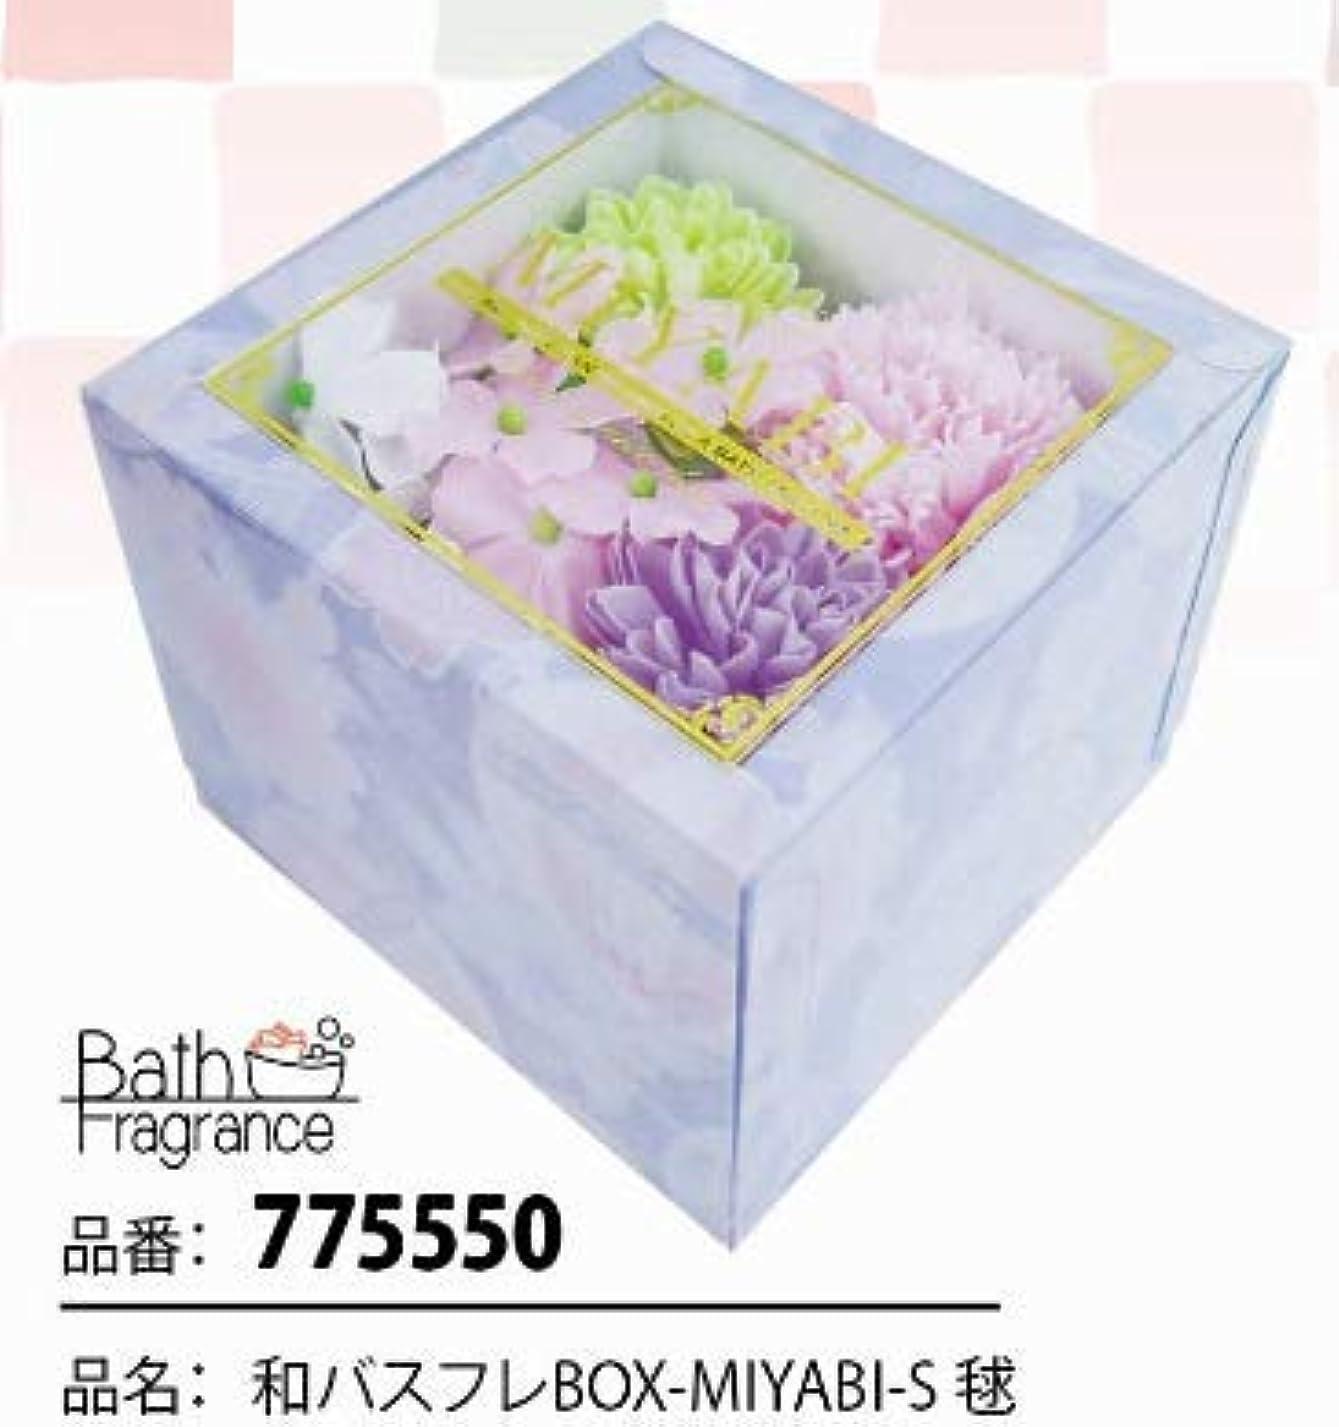 感動する蚊フィード花のカタチの入浴剤 和バスフレBOX-MIYABI-S毬 775550